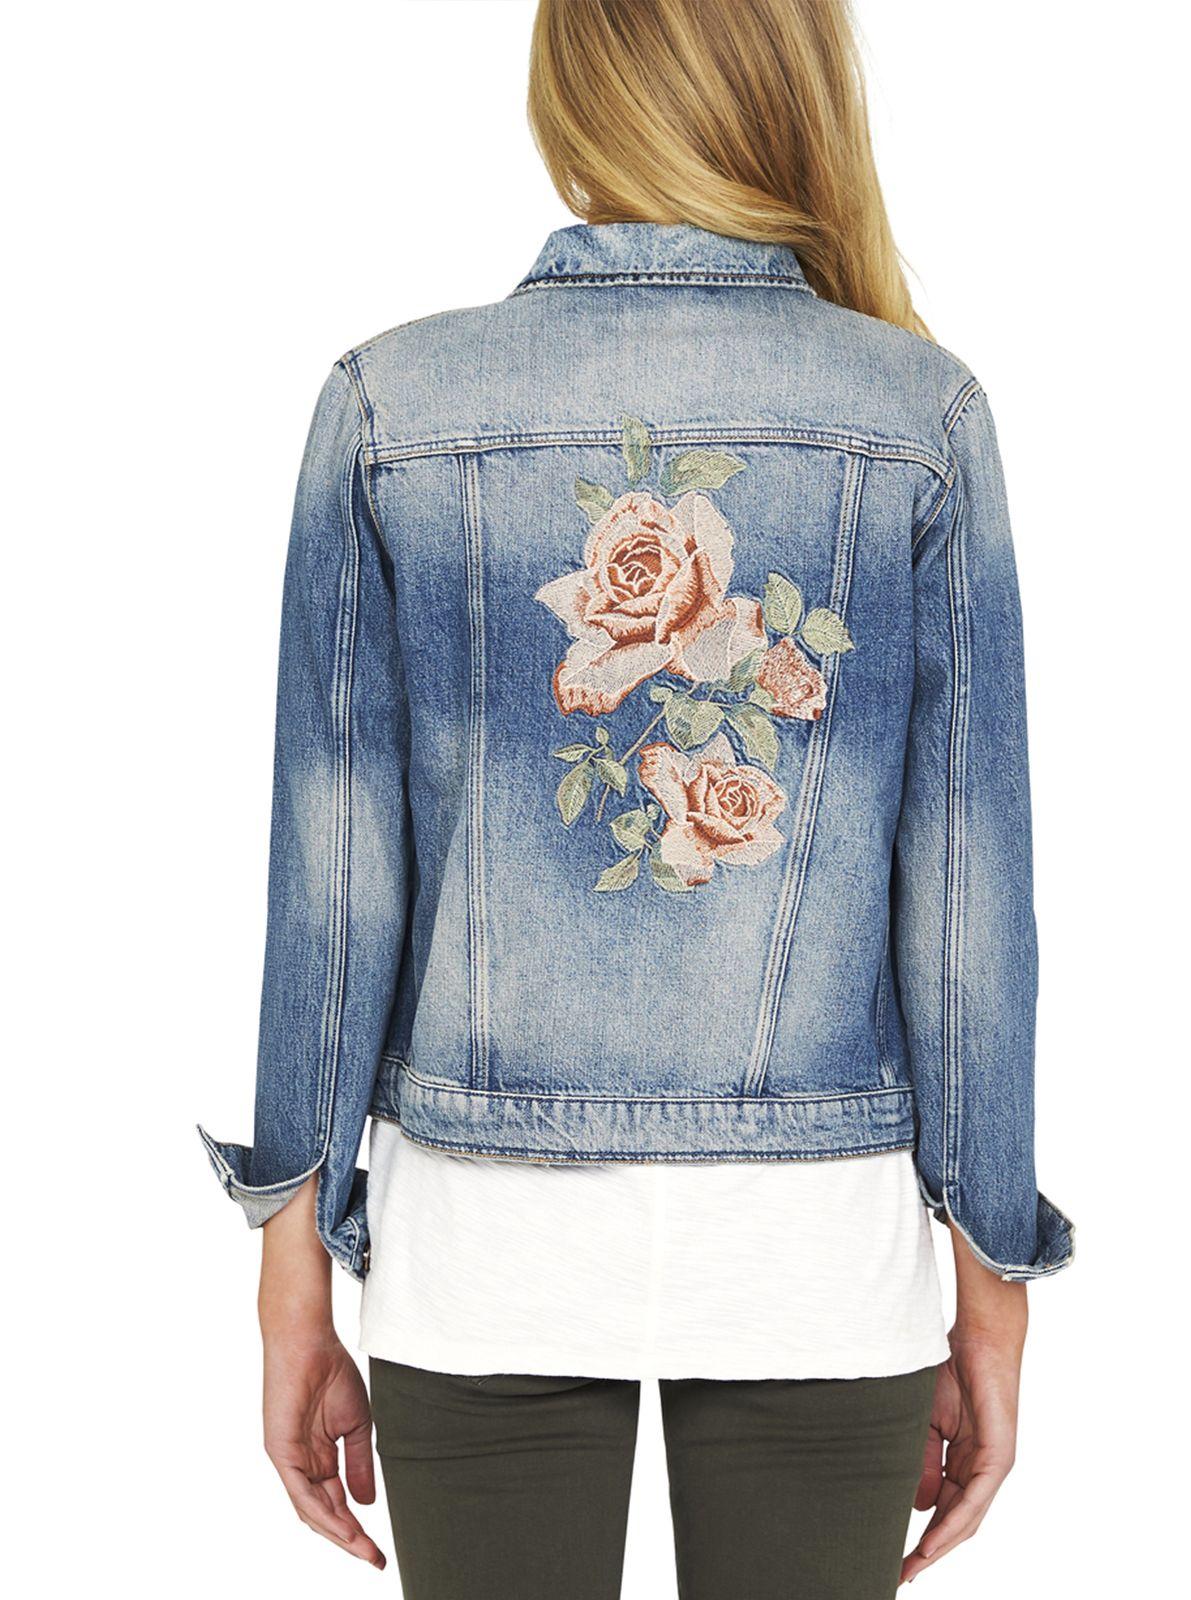 Image For Mavi Katy Emroidered Denim Jacket In Bronze Rose From Just Jeans Jackets Denim Denim Jacket [ 1600 x 1191 Pixel ]